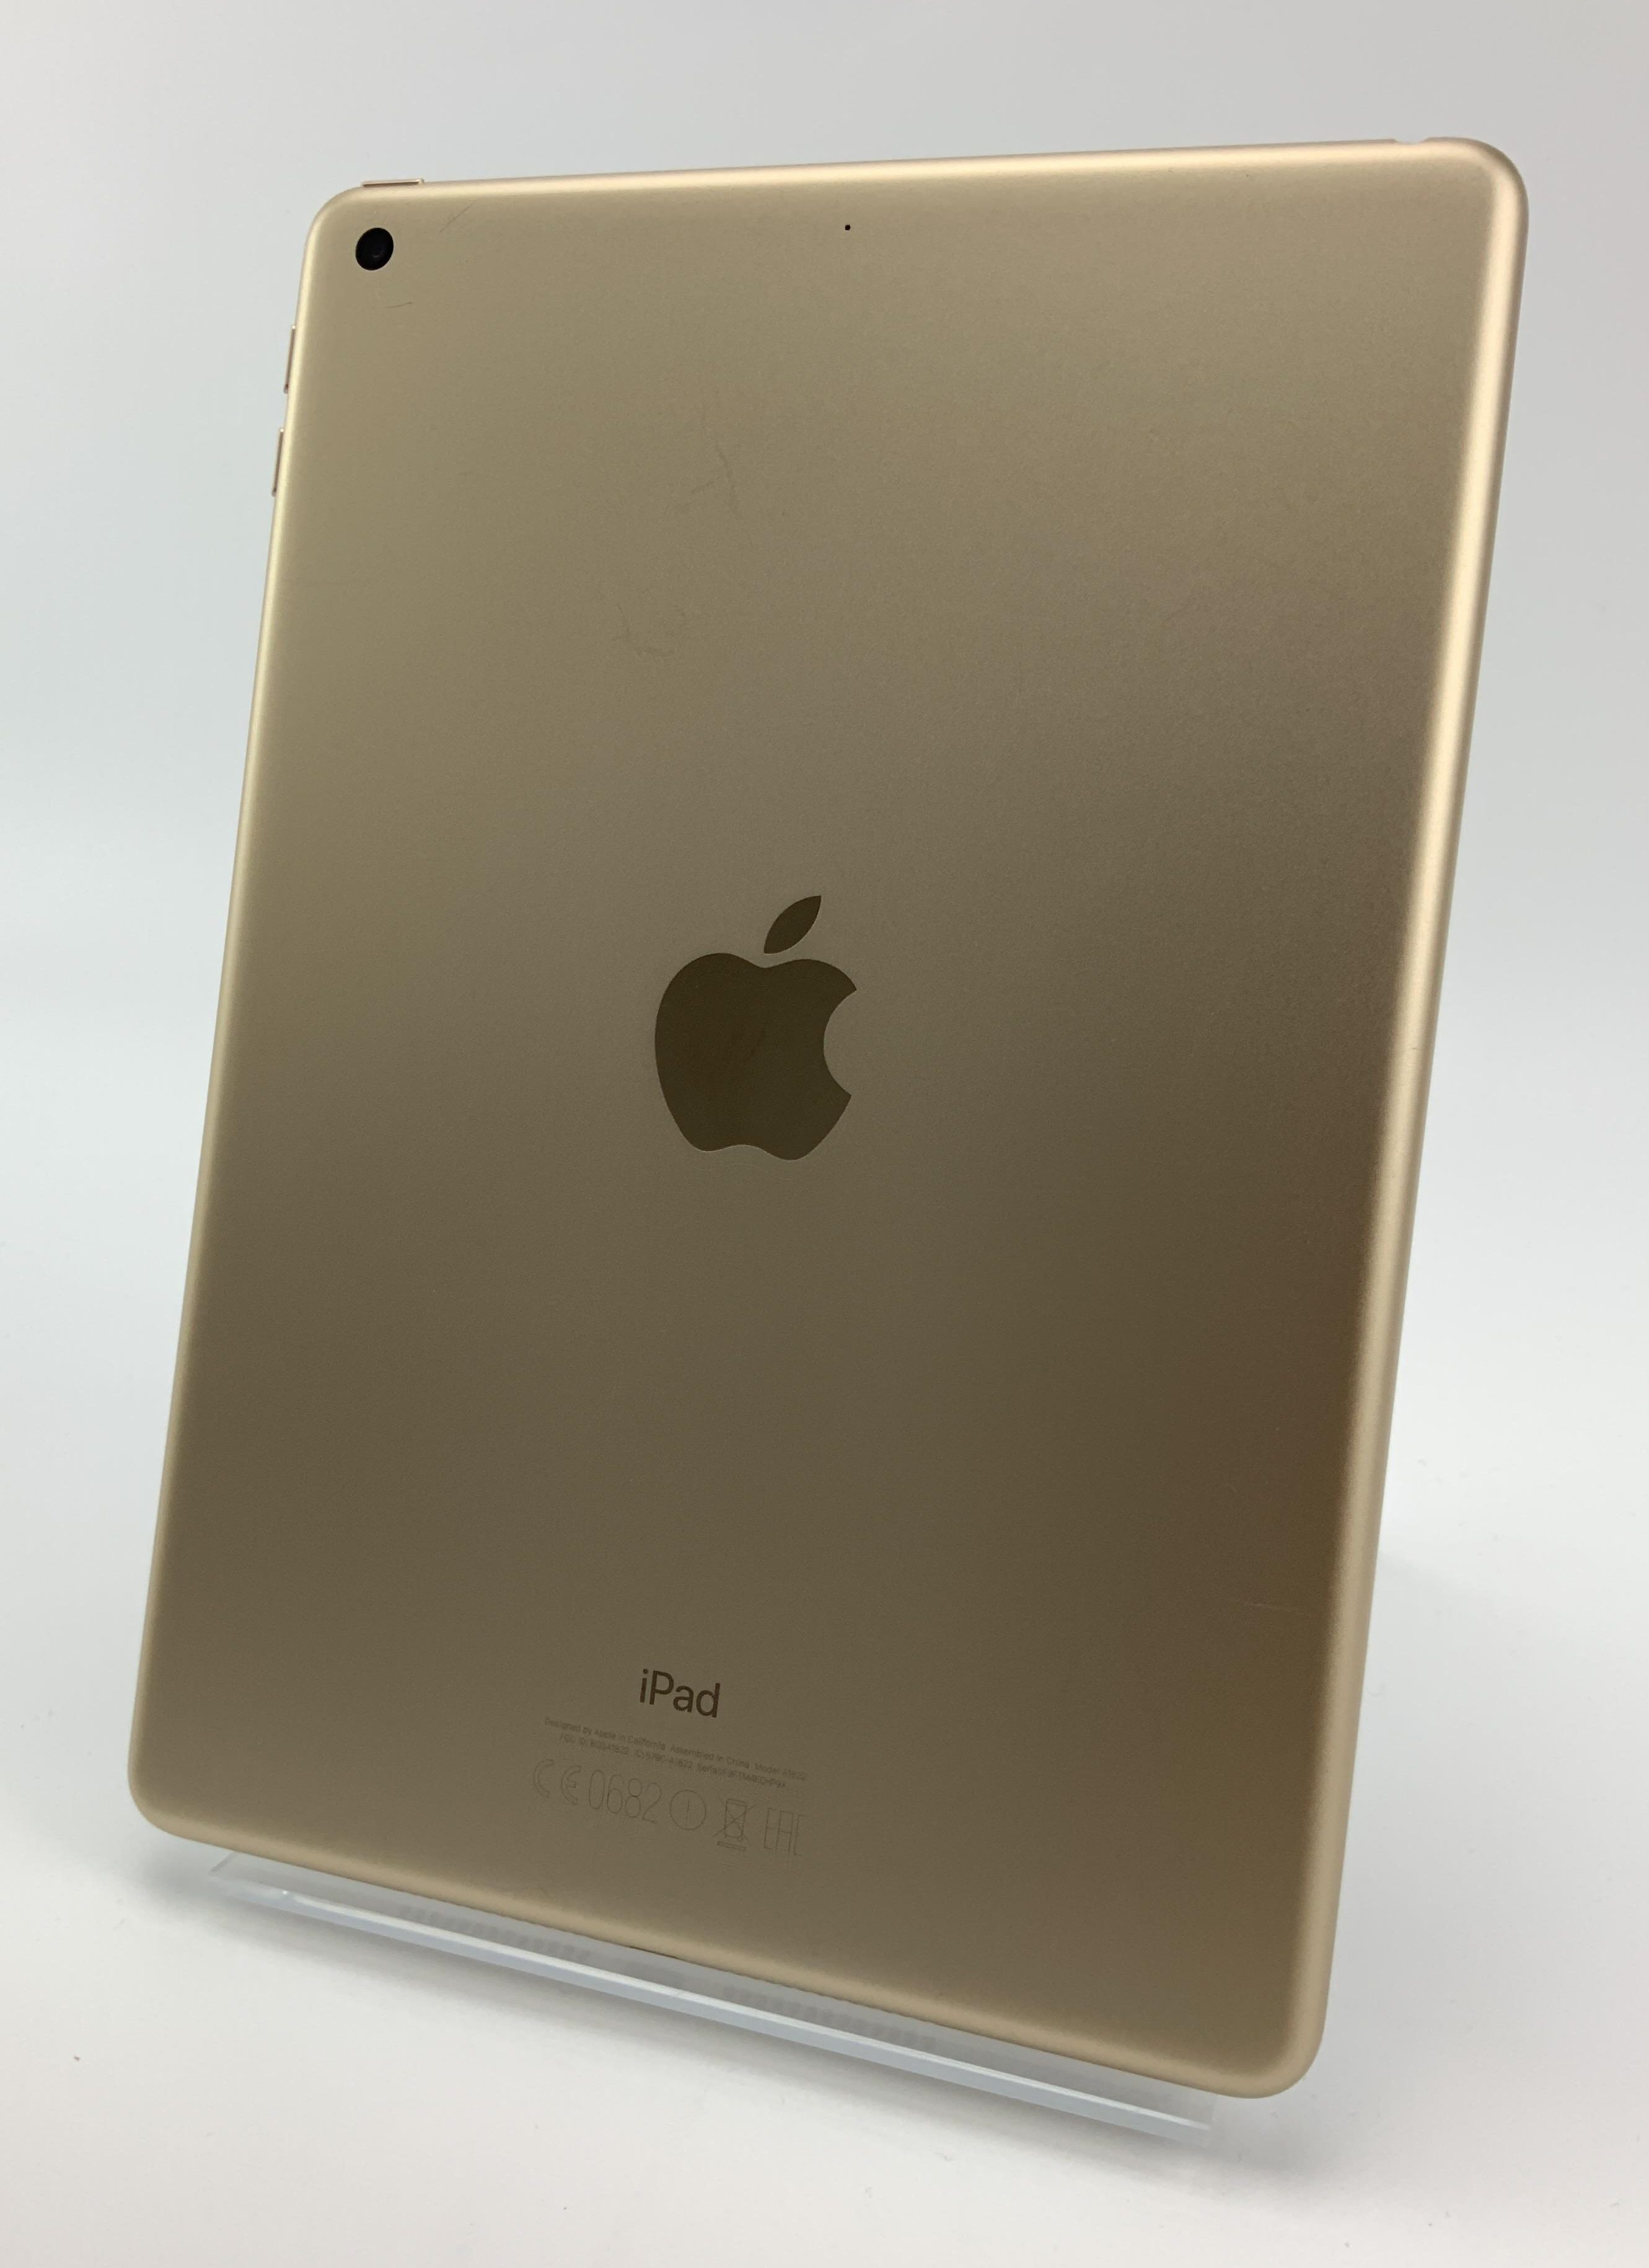 iPad 7 Wi-Fi 32GB, 32GB, Gold, immagine 2